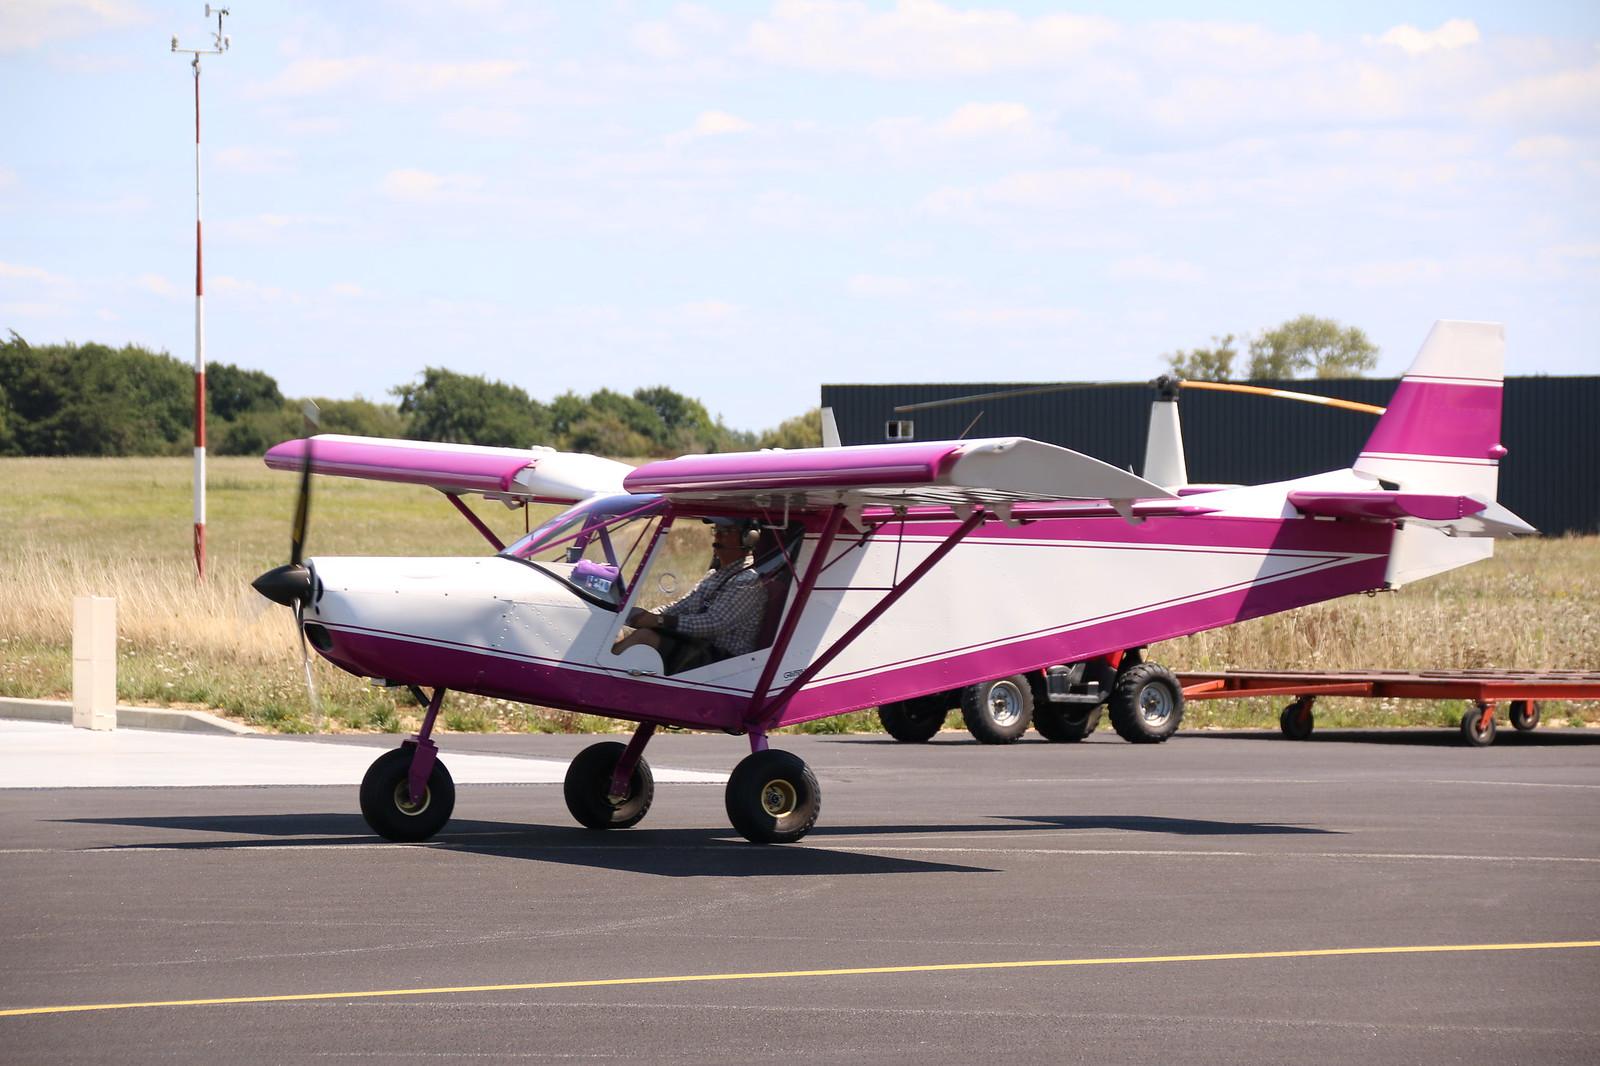 Aérodrome de La Baule Escoublac - Page 4 35601850863_78e5301382_h